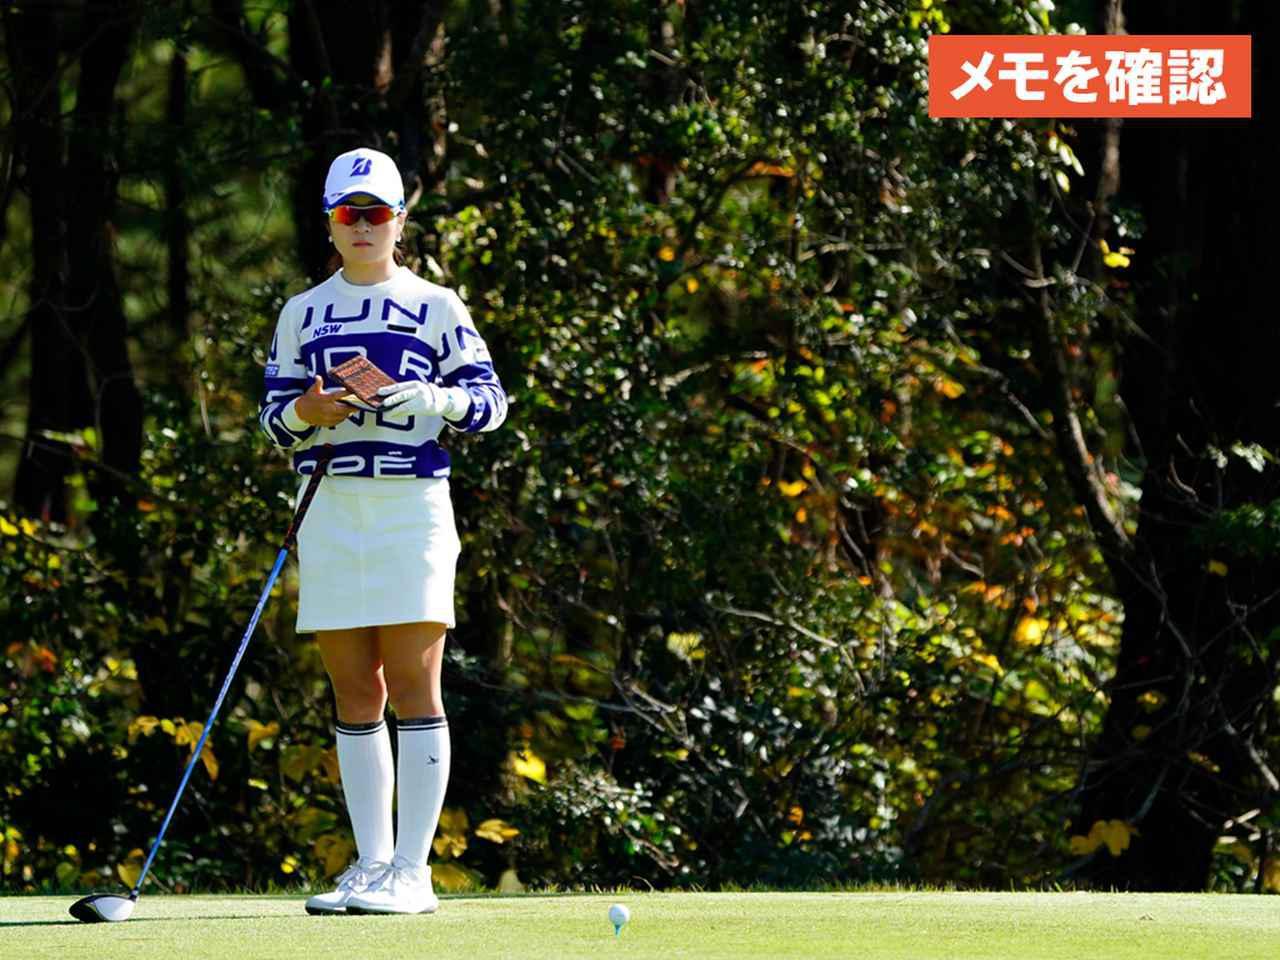 """画像10: 【プレショットルーティン調査】女子プロゴルファー上位32人をチェック! 2タイプに分かれた""""アドレスの入り方"""""""